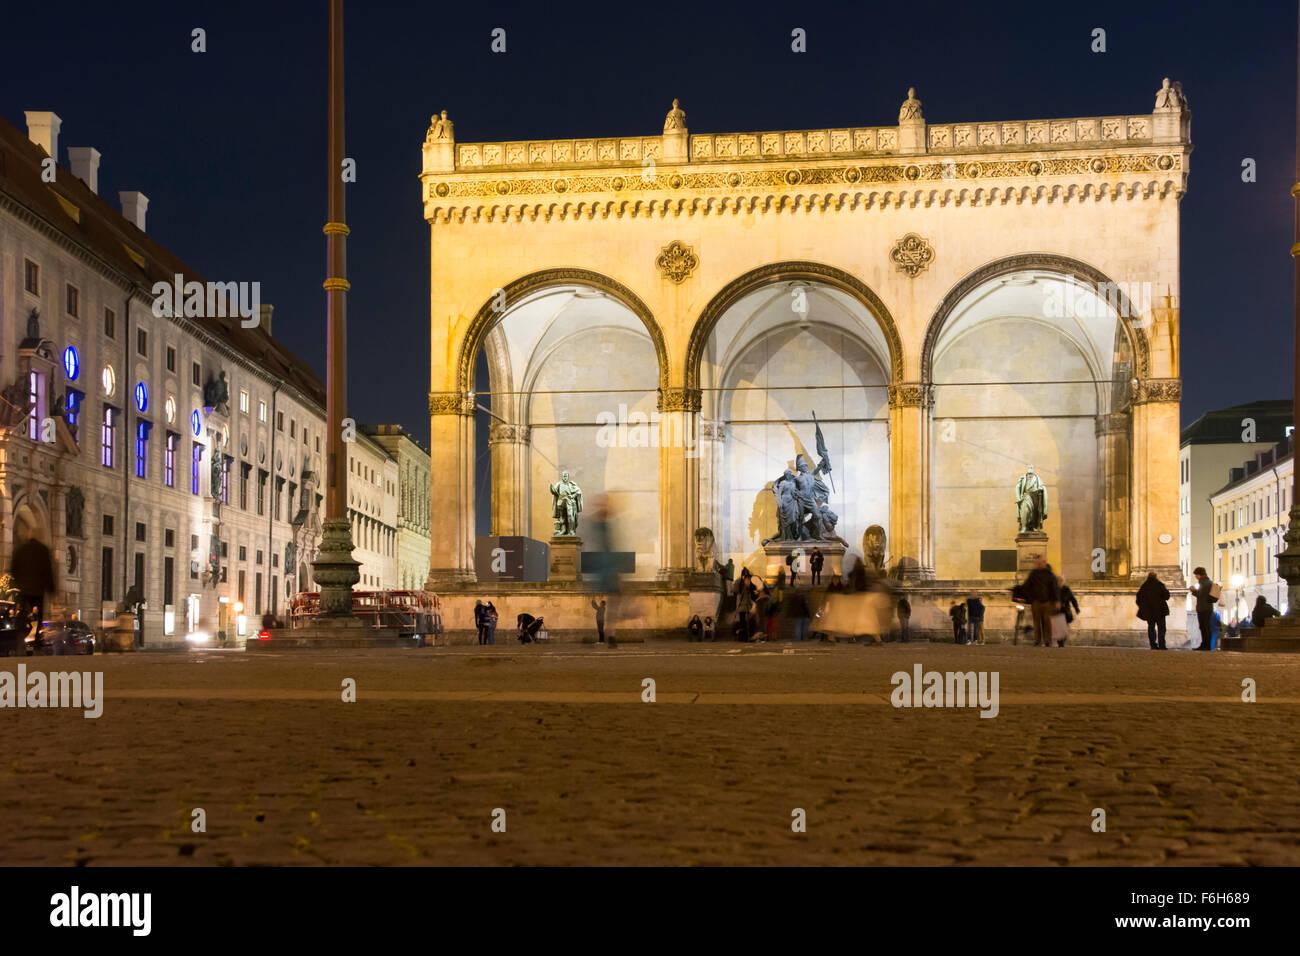 MUNICH, Alemania - OKTOBER 26: Turistas en el Feldherrnhalle en Munich, Alemania, en octubre 26, 2015. Imagen De Stock